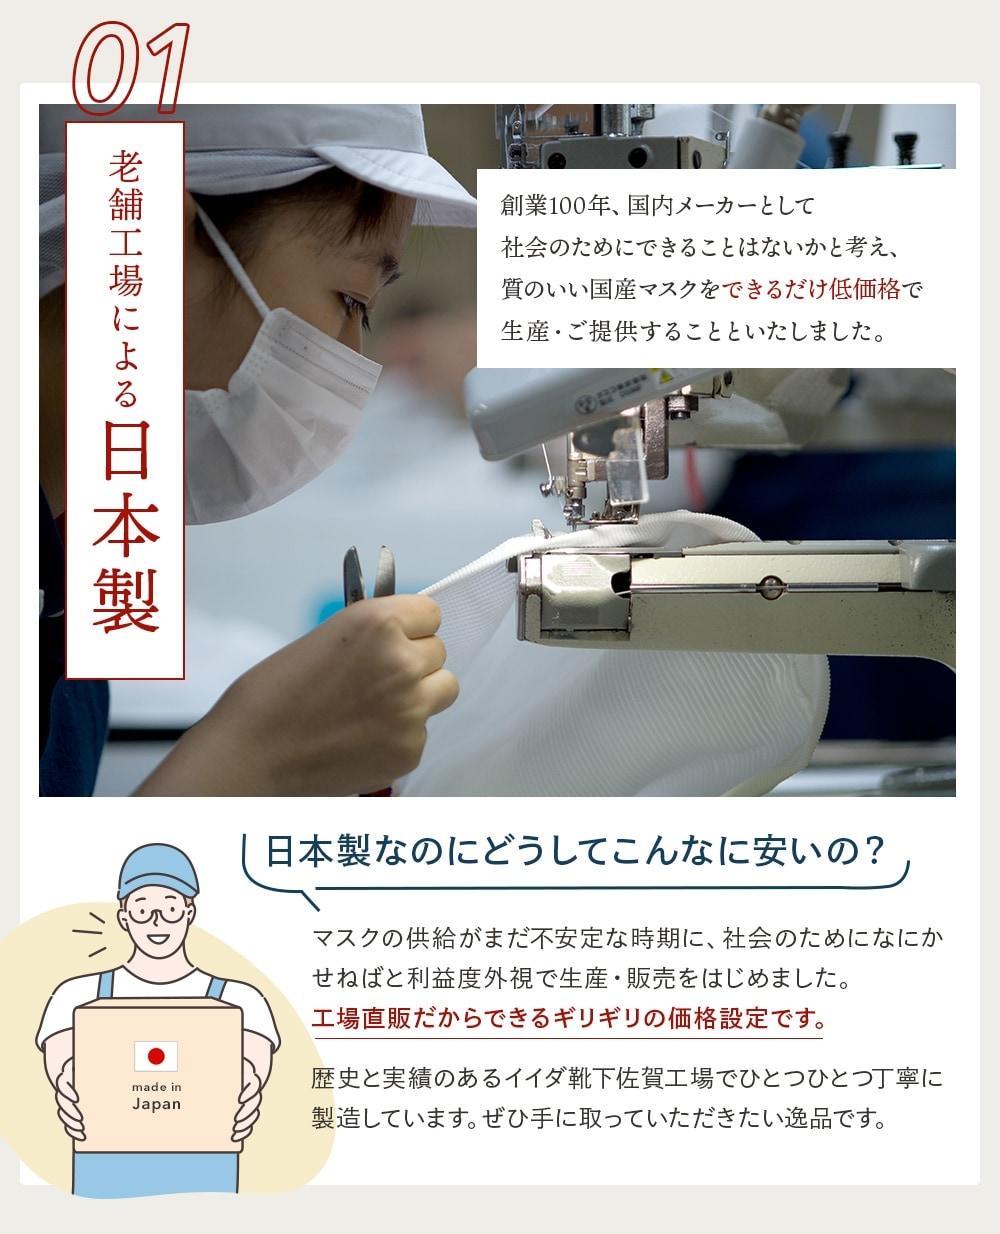 老舗工場による日本製